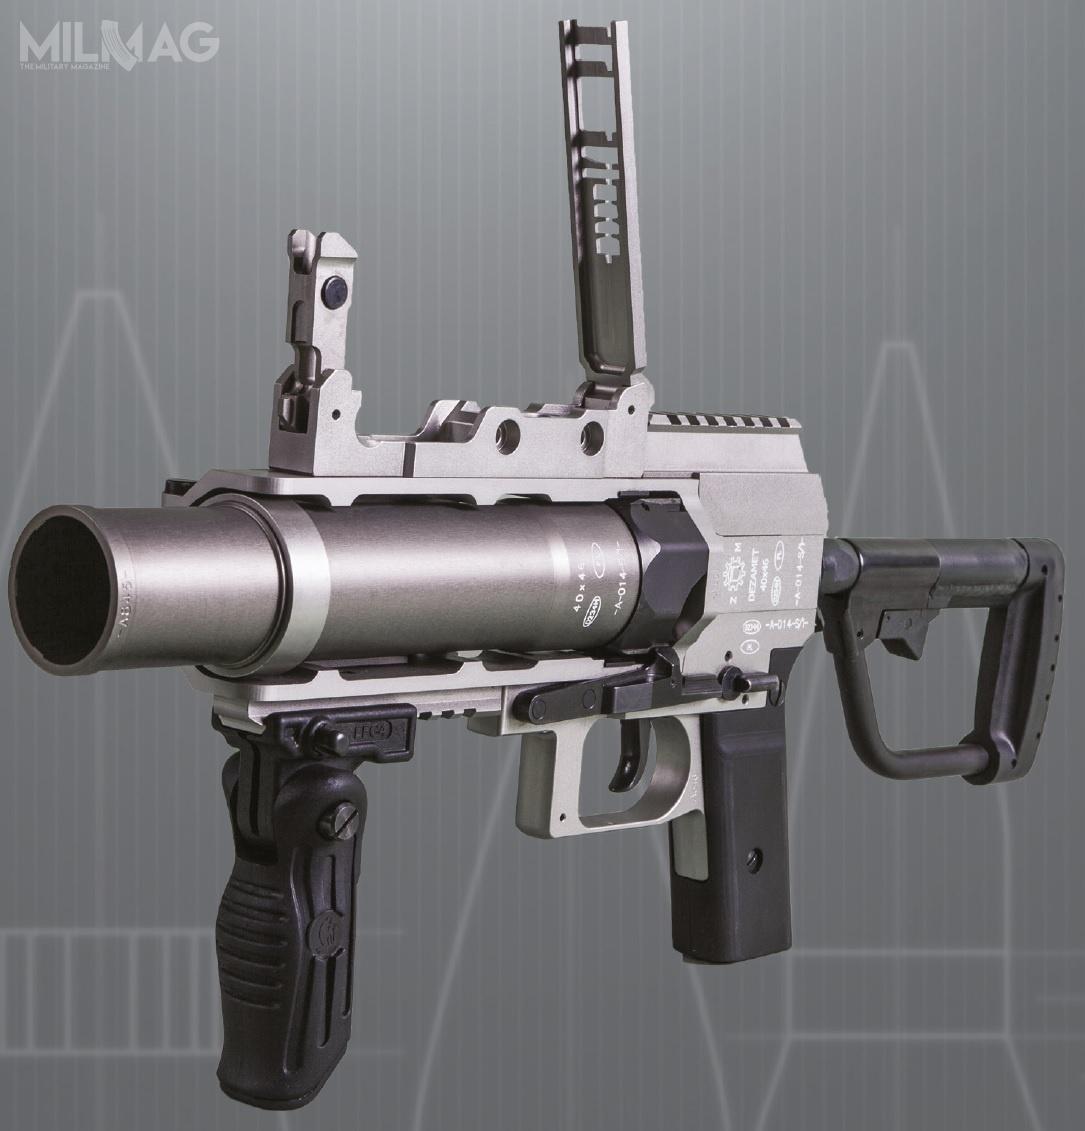 Granatnik samodzielny GSBO-40 doamunicji 40 mm x 46SR. Dotejpory Wojsko Polskie od2010 zakupiło 160 tych konstrukcji / Zdjęcie: Dezamet